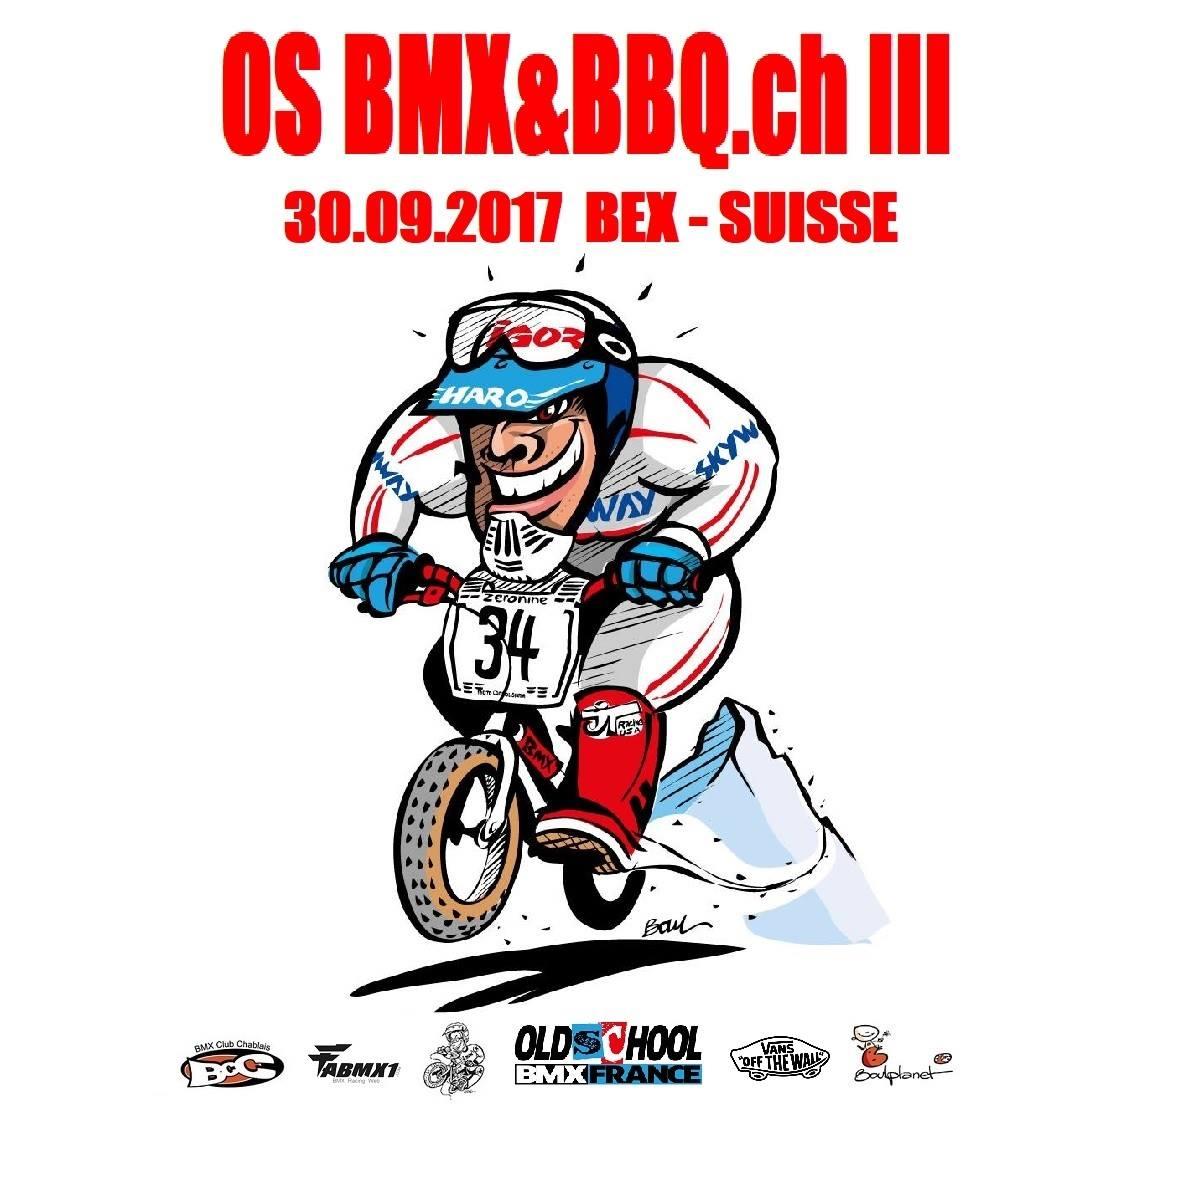 OS BMX&BBQ.ch III